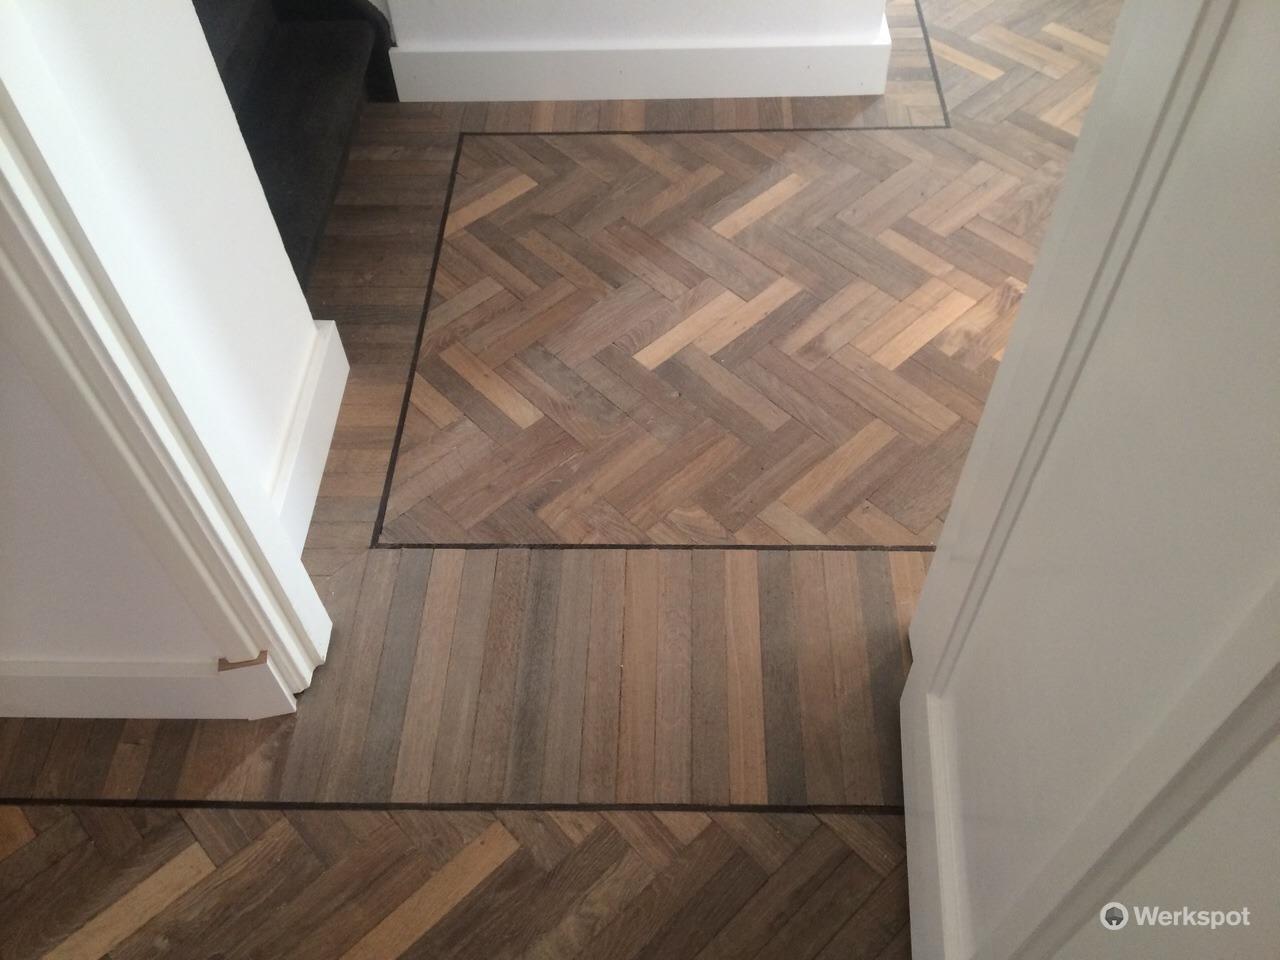 Visgraat laminaat leggen vloeren laten leggen with visgraat